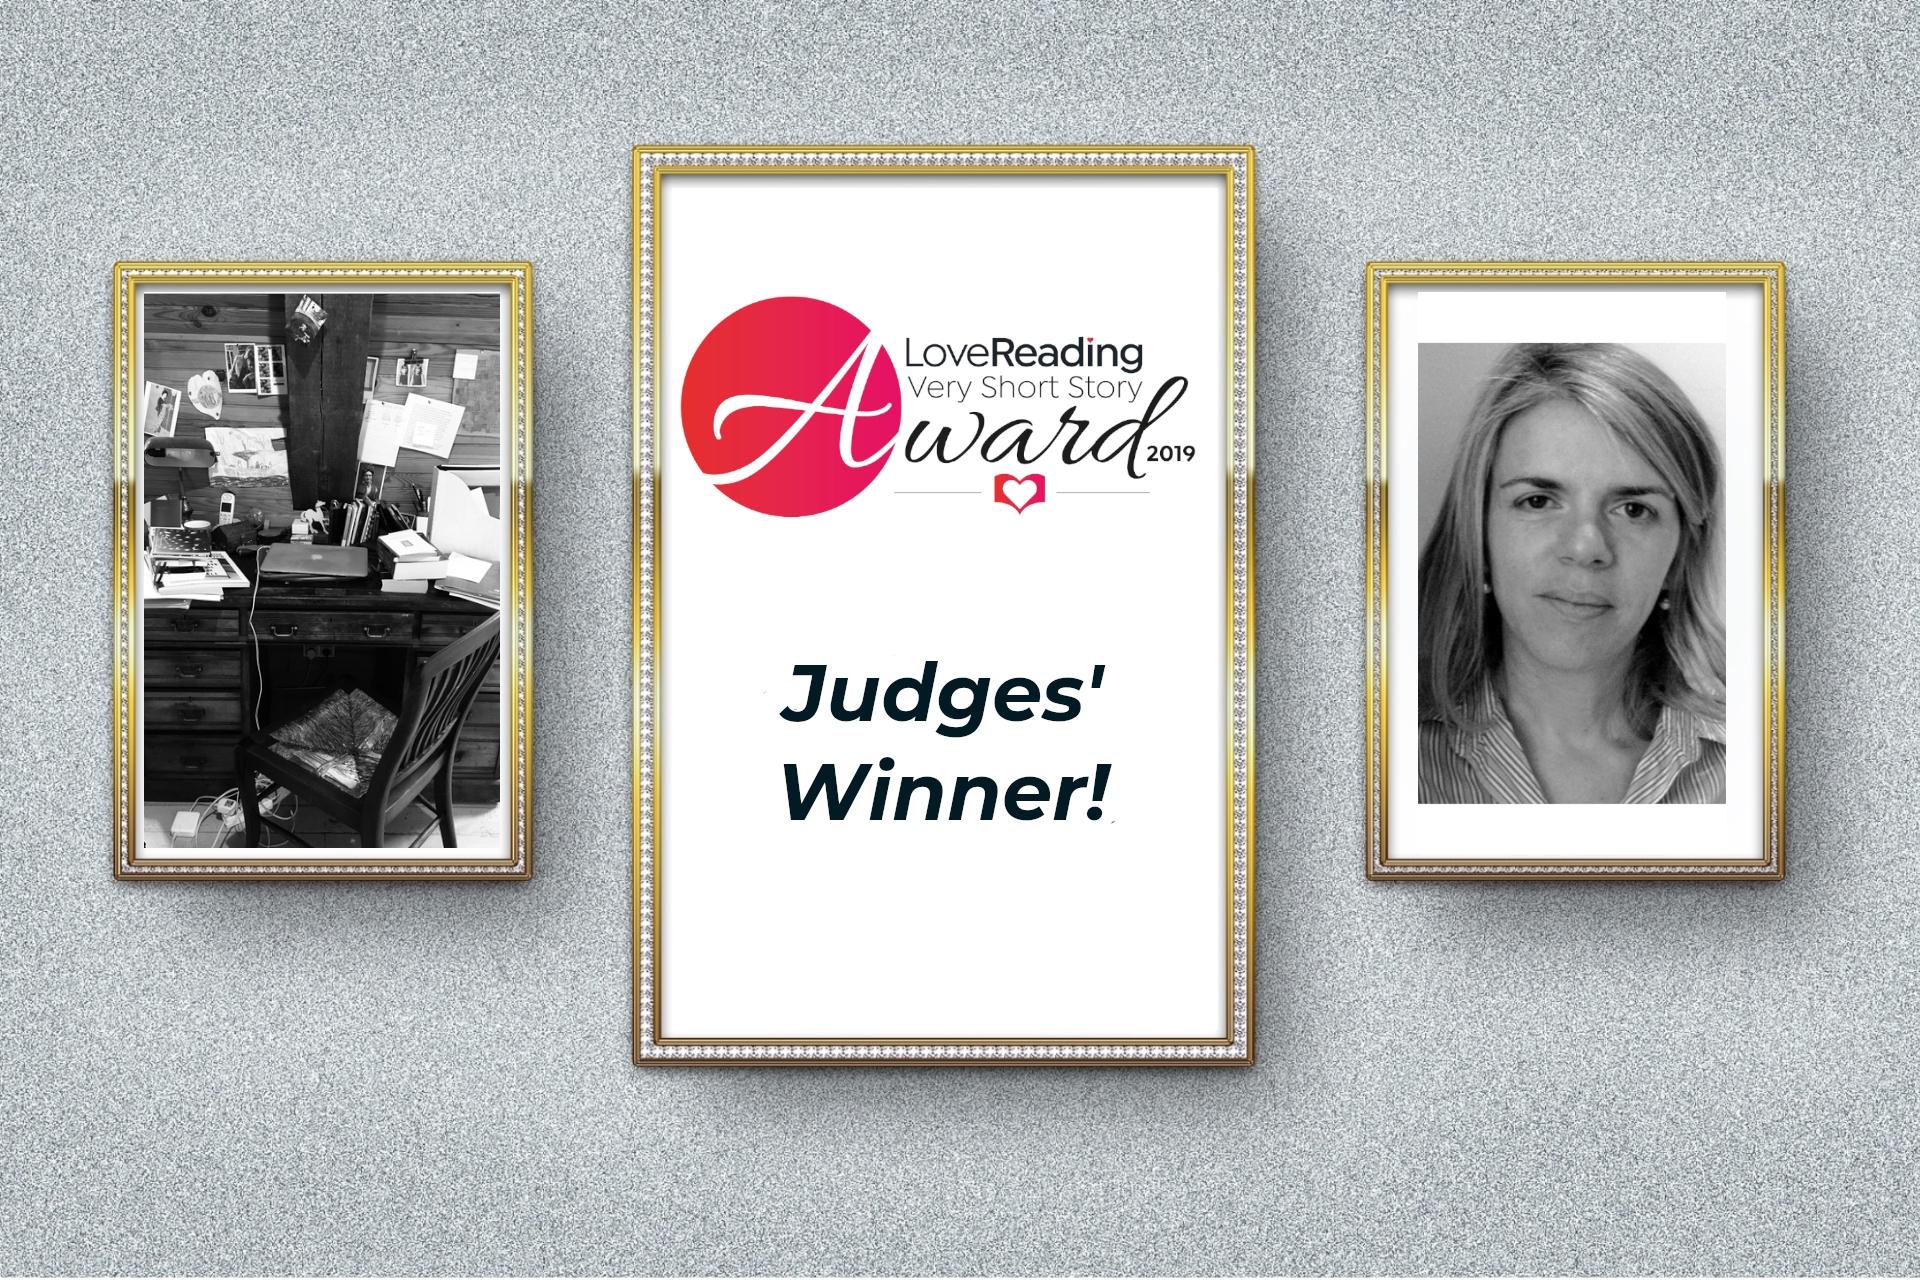 Winner of the LoveReading Short Story Award: Susanna Crossman